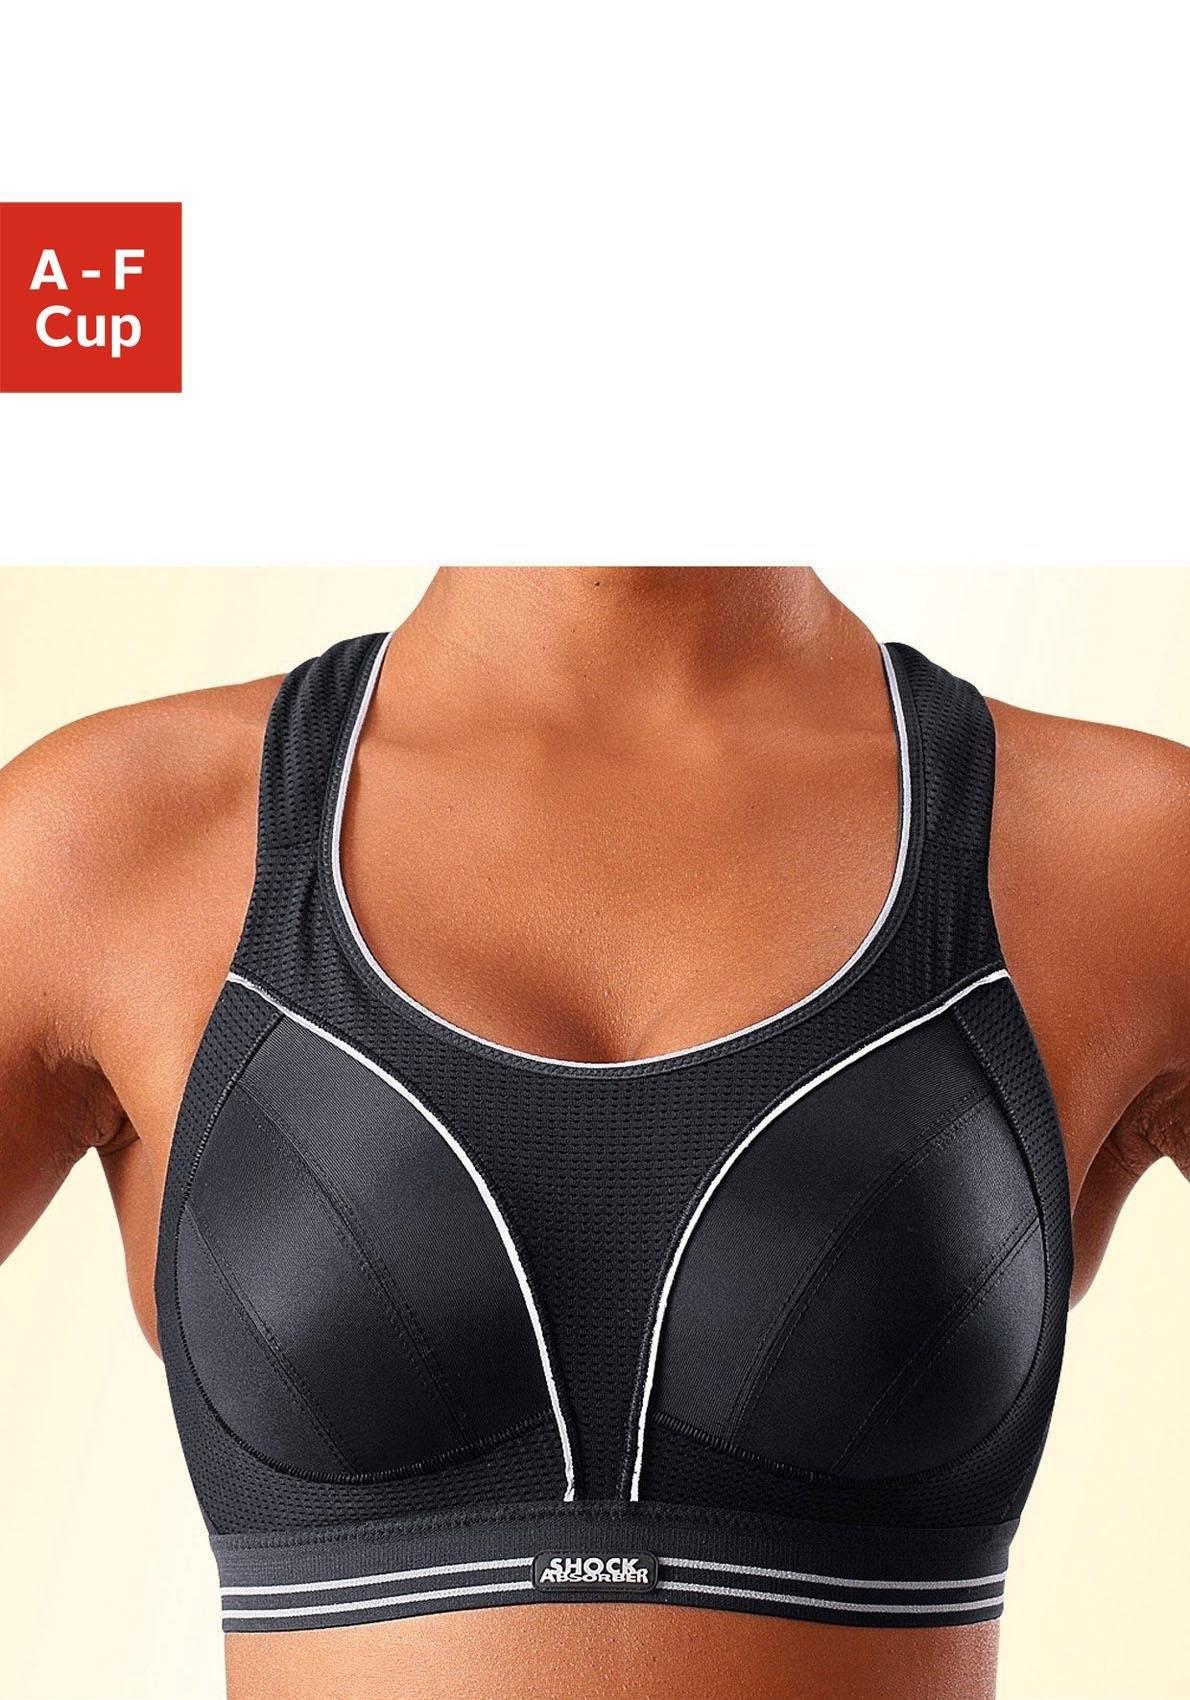 Shock Absorber sportbeha »Run« - de ideale beha voor loopsporten in de webshop van Lascana kopen